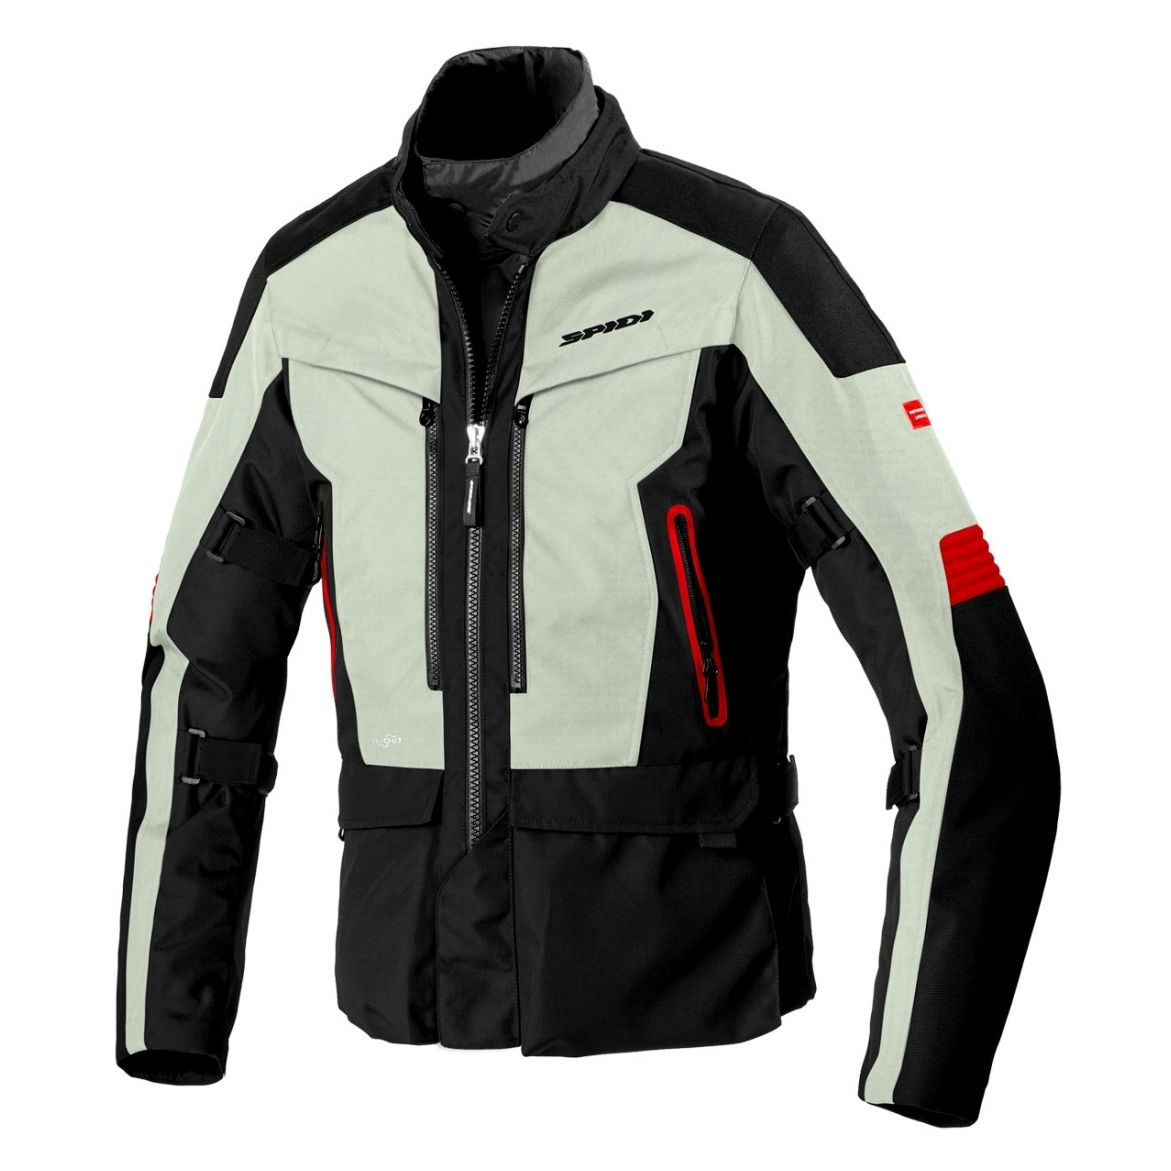 986b8d086b6 Chaqueta Spidi VOYAGER 4 - Cazadoras y chaquetas moto - Motoblouz.es